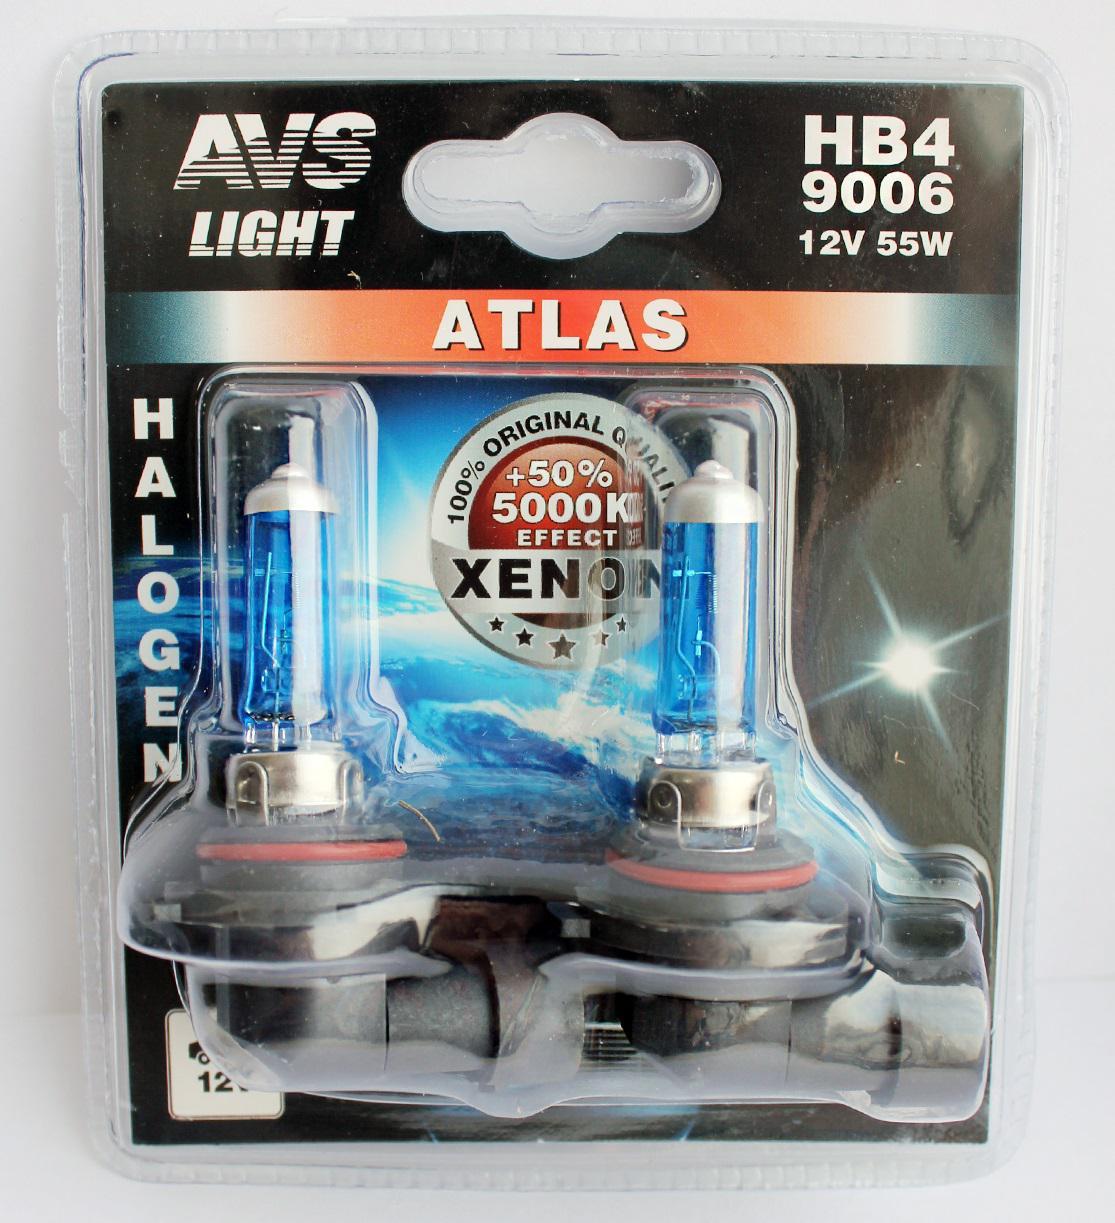 купить Лампа автомобильная Avs Atlas hb4 9006 12v 55w недорого